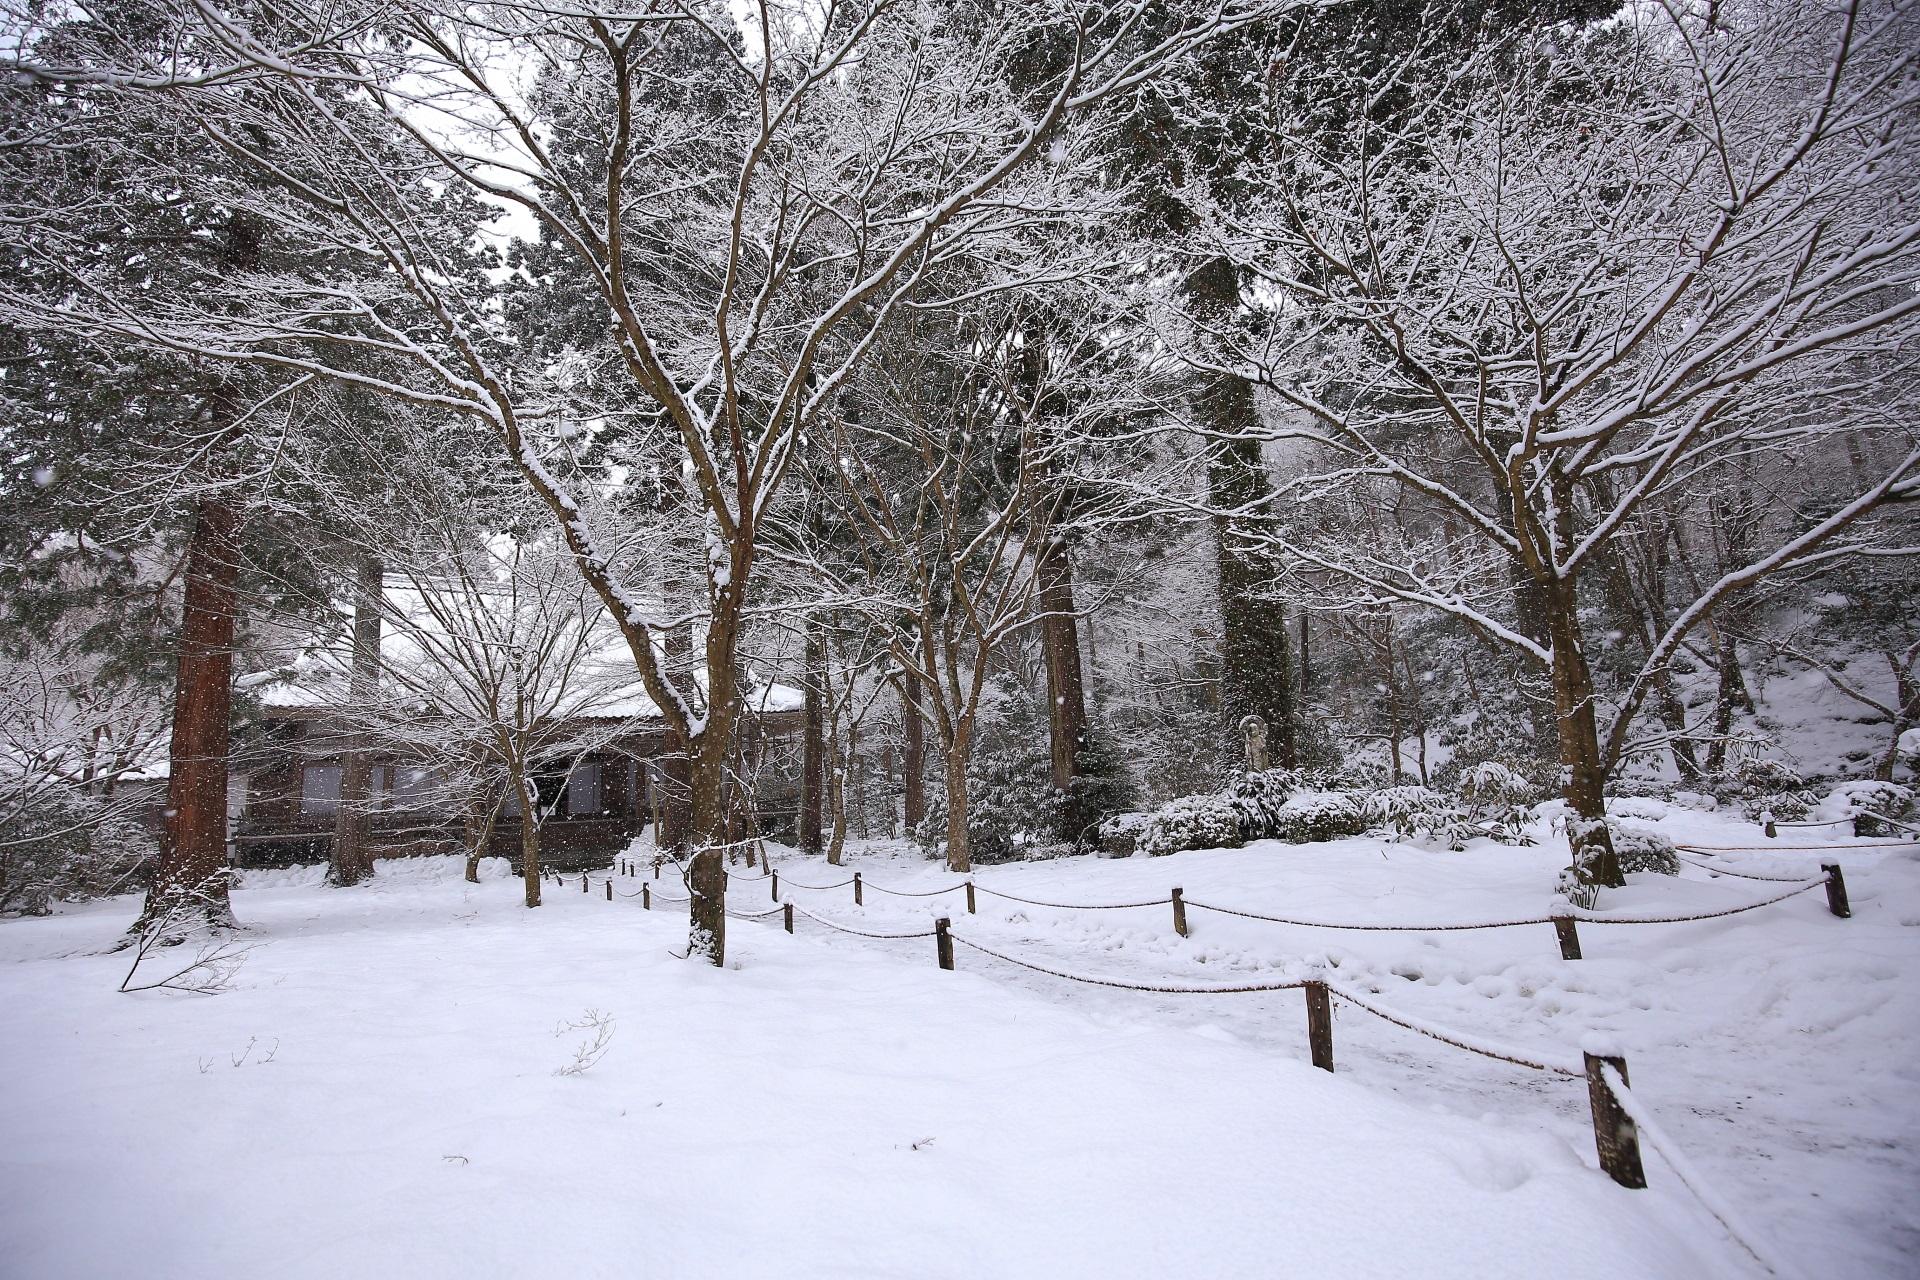 三千院 雪 京都大原の白銀の冬景色とわらべ地蔵